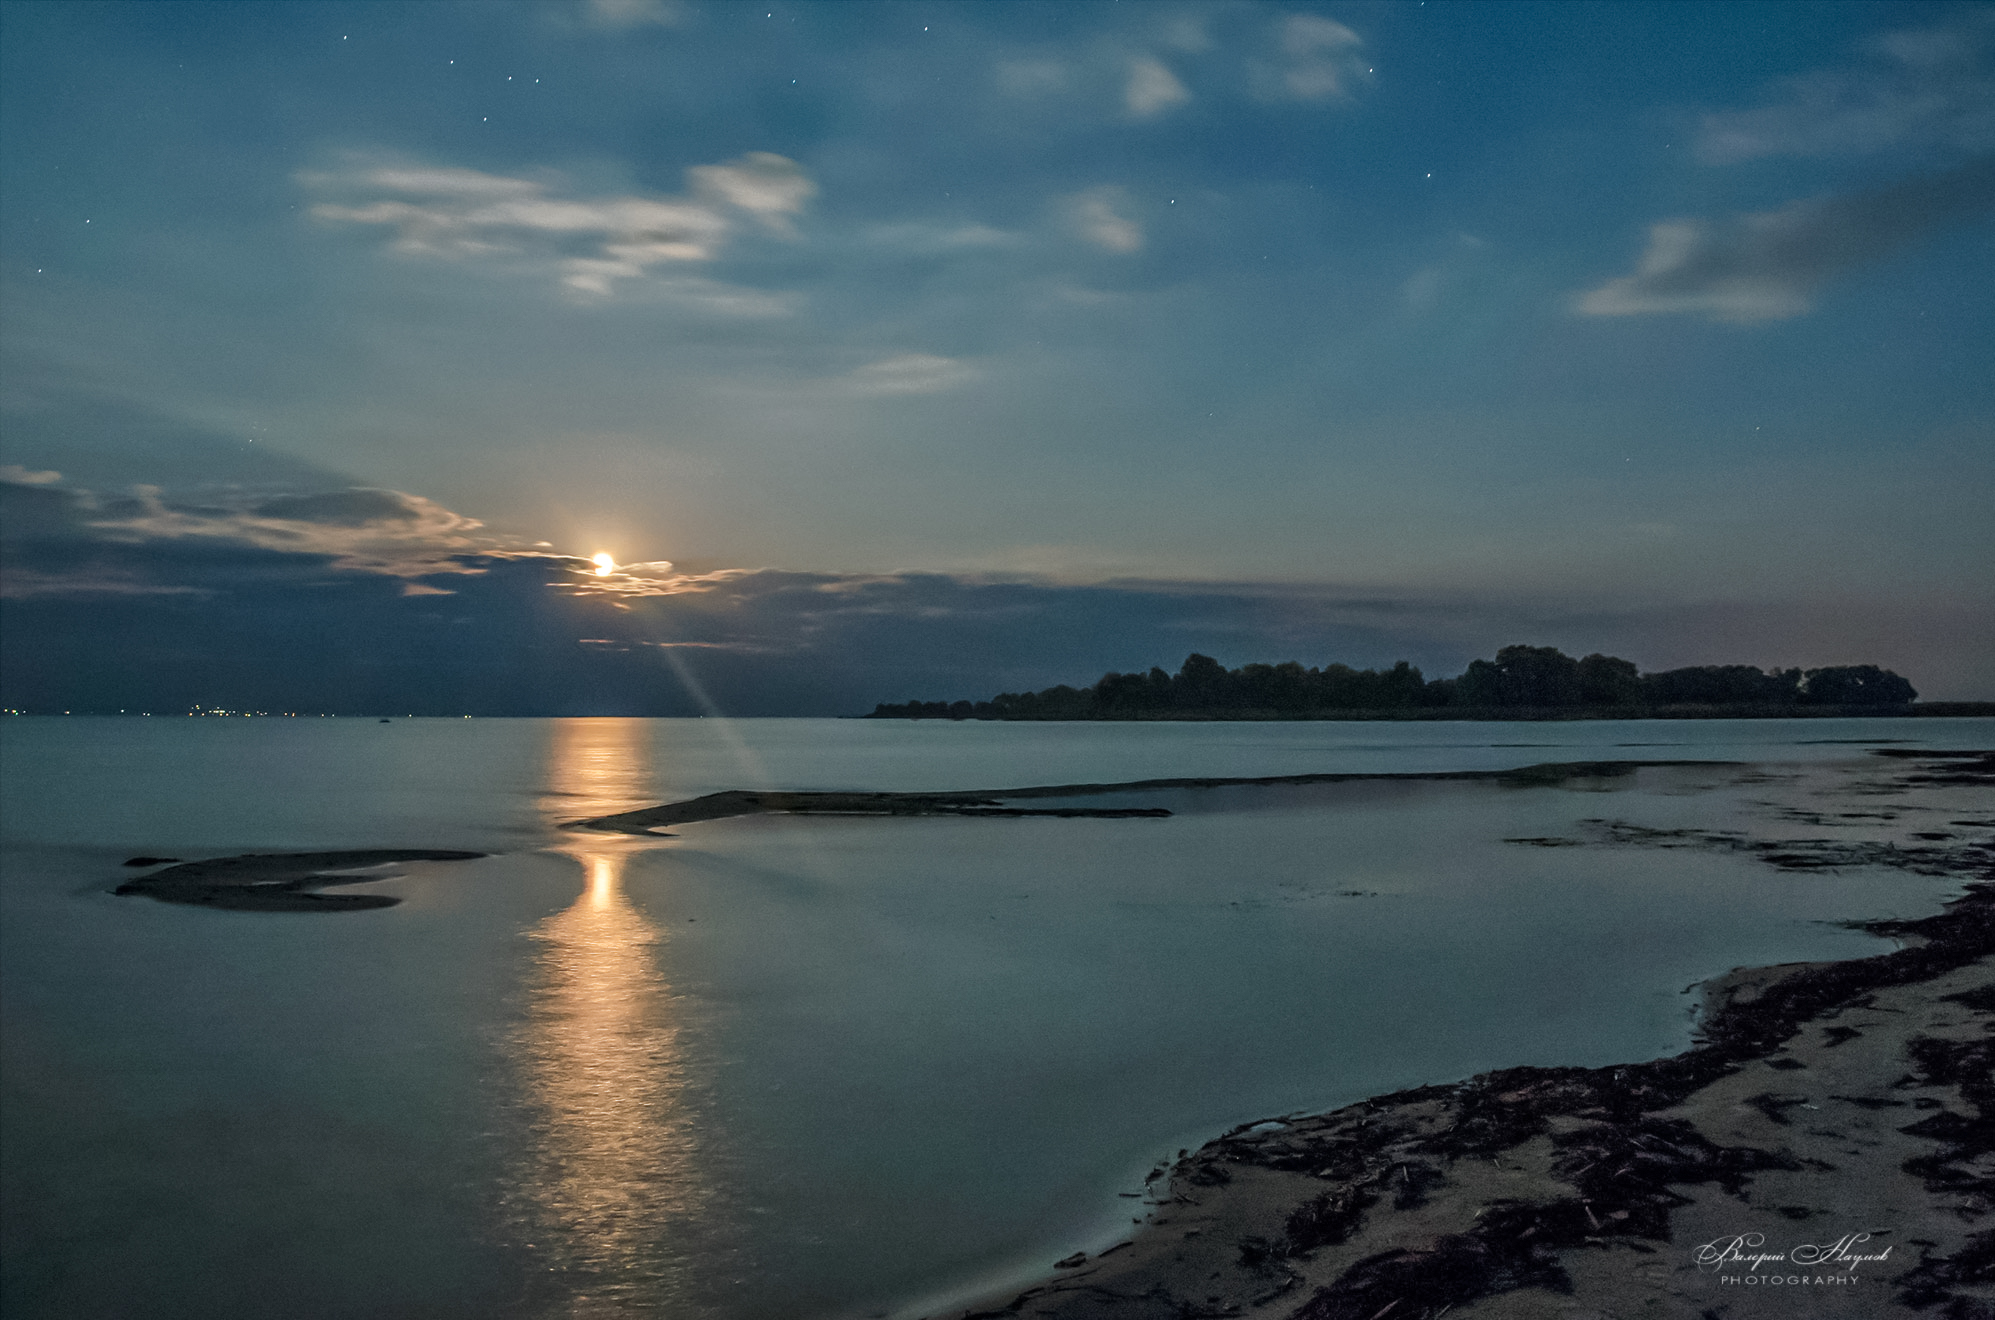 ночь, луна, звёзды, река, дорожка, луч, небо, облака, Валерий Наумов